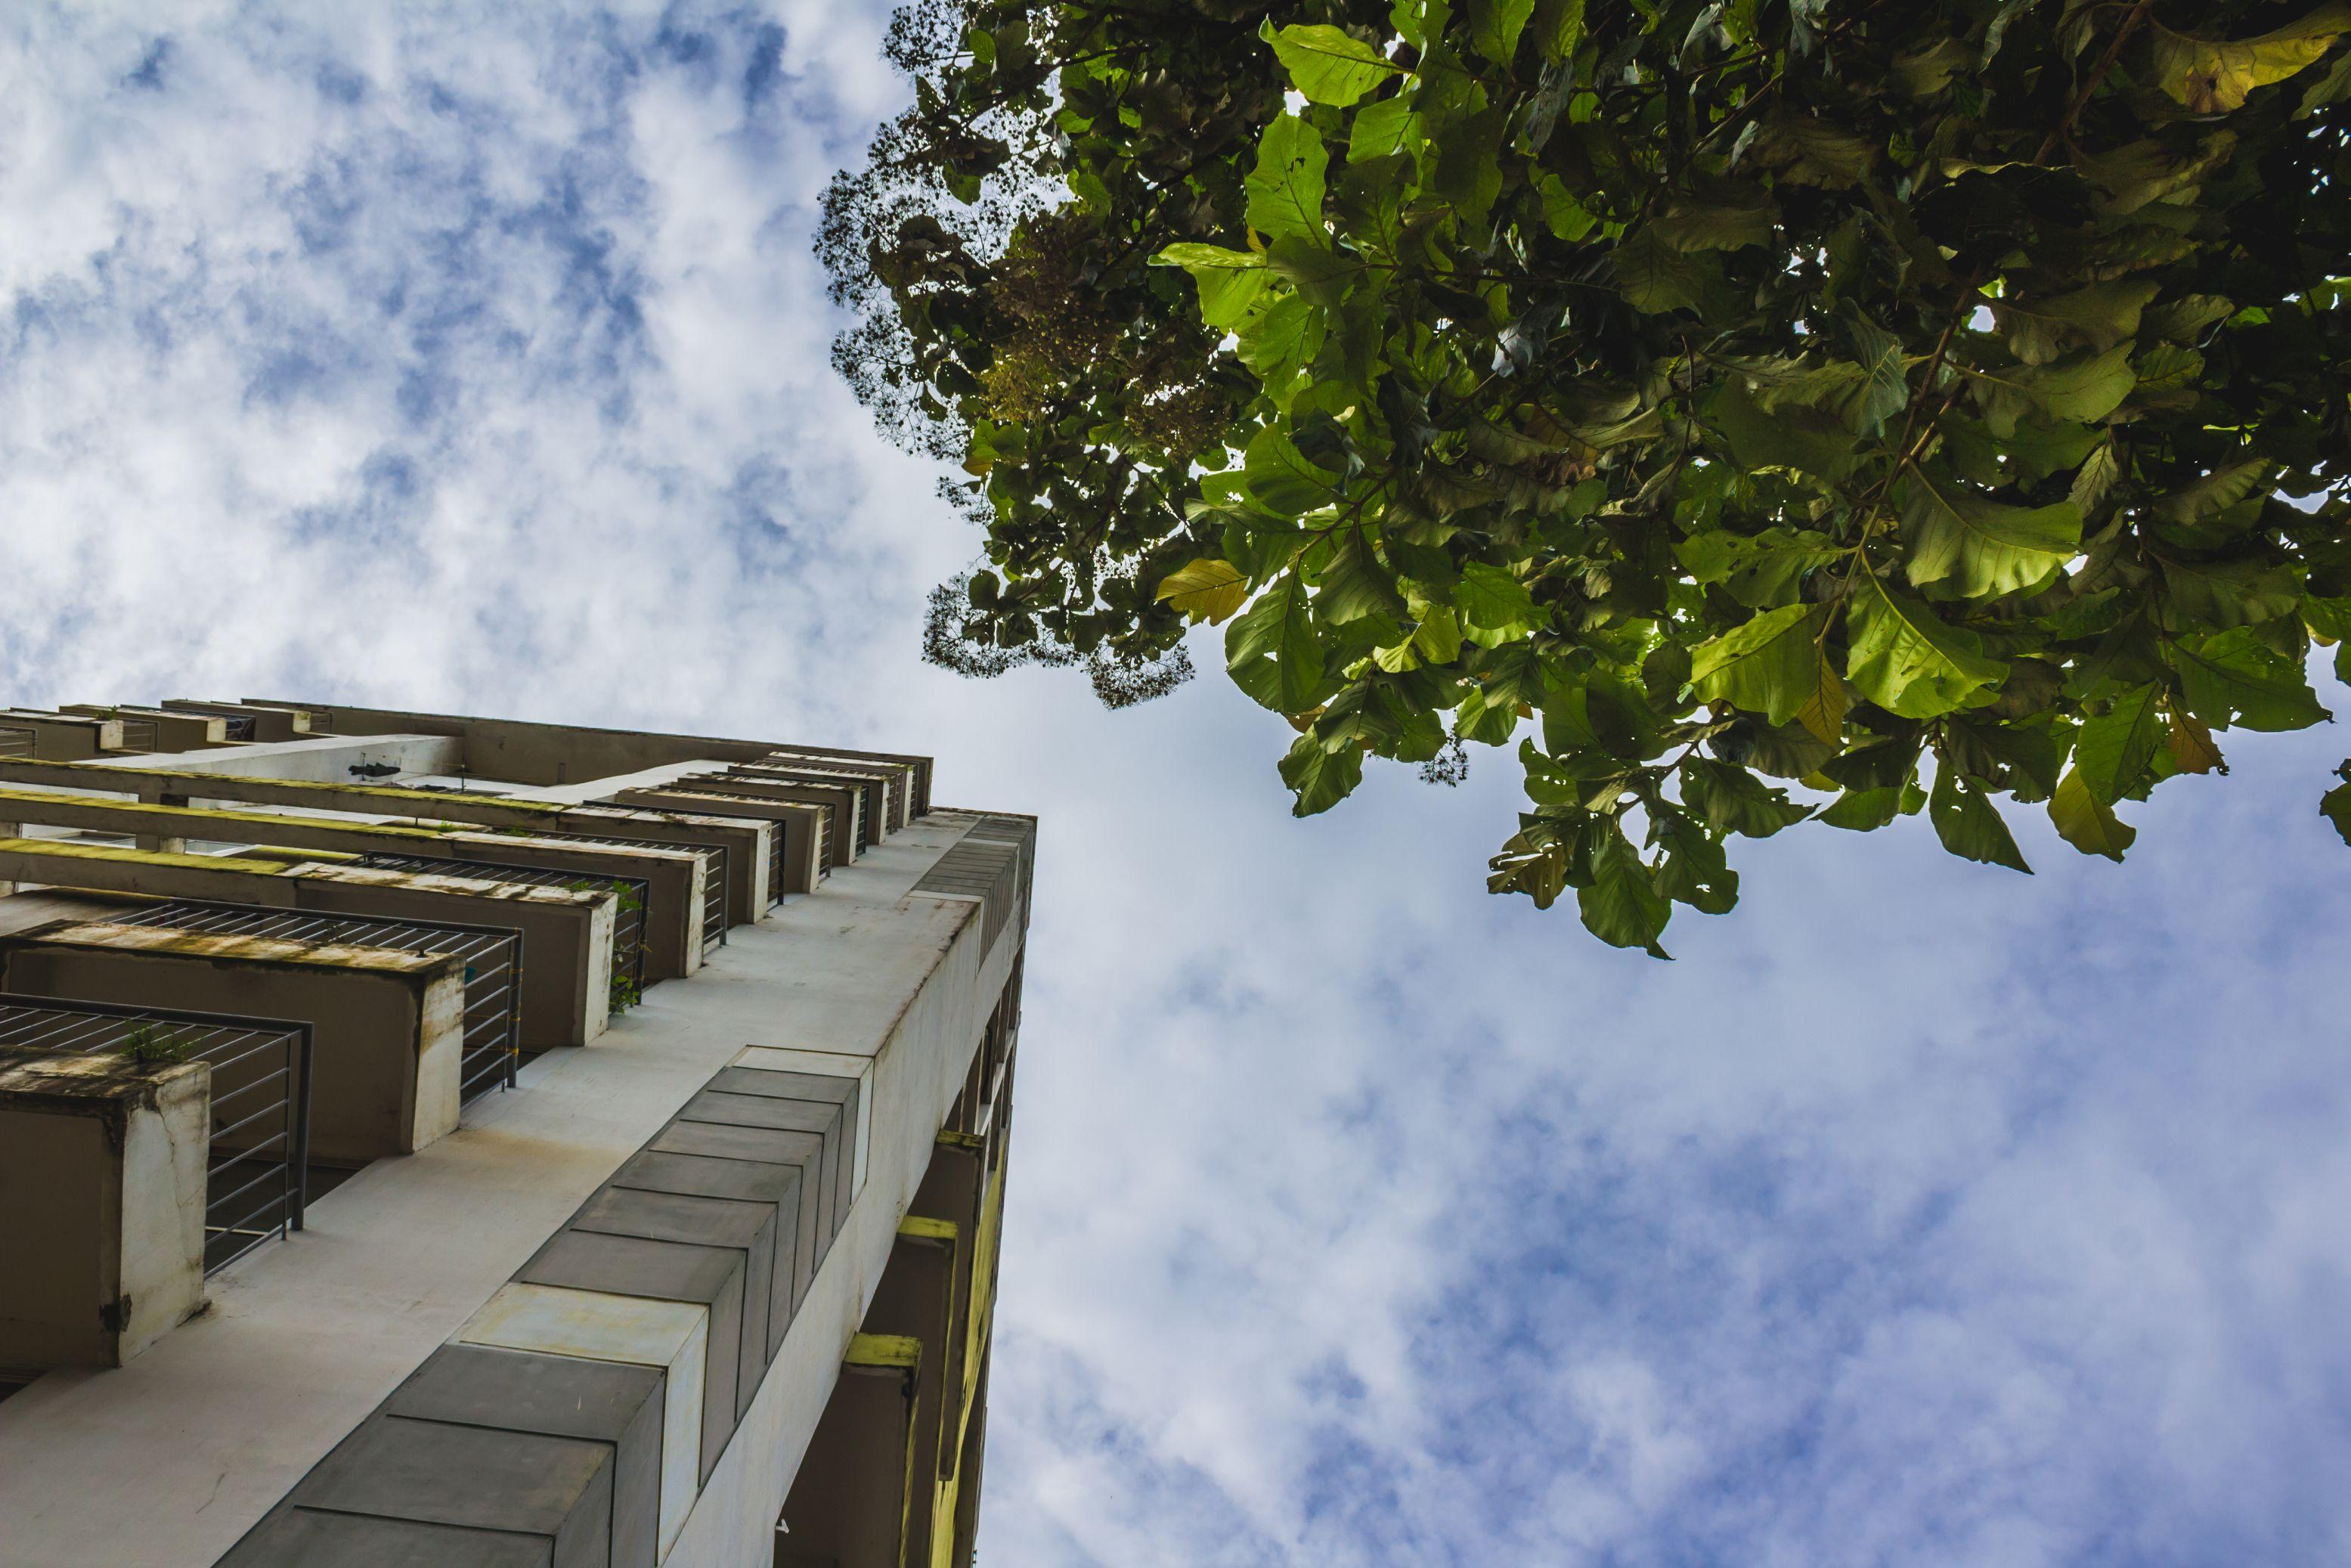 Dyrektywa pozwala na szeroki udział społeczeństwa w podejmowaniu decyzji oraz dostęp do wymiaru sprawiedliwości w przypadku inwestycji mogących wpływać na środowisko (fot. pxhere.com)